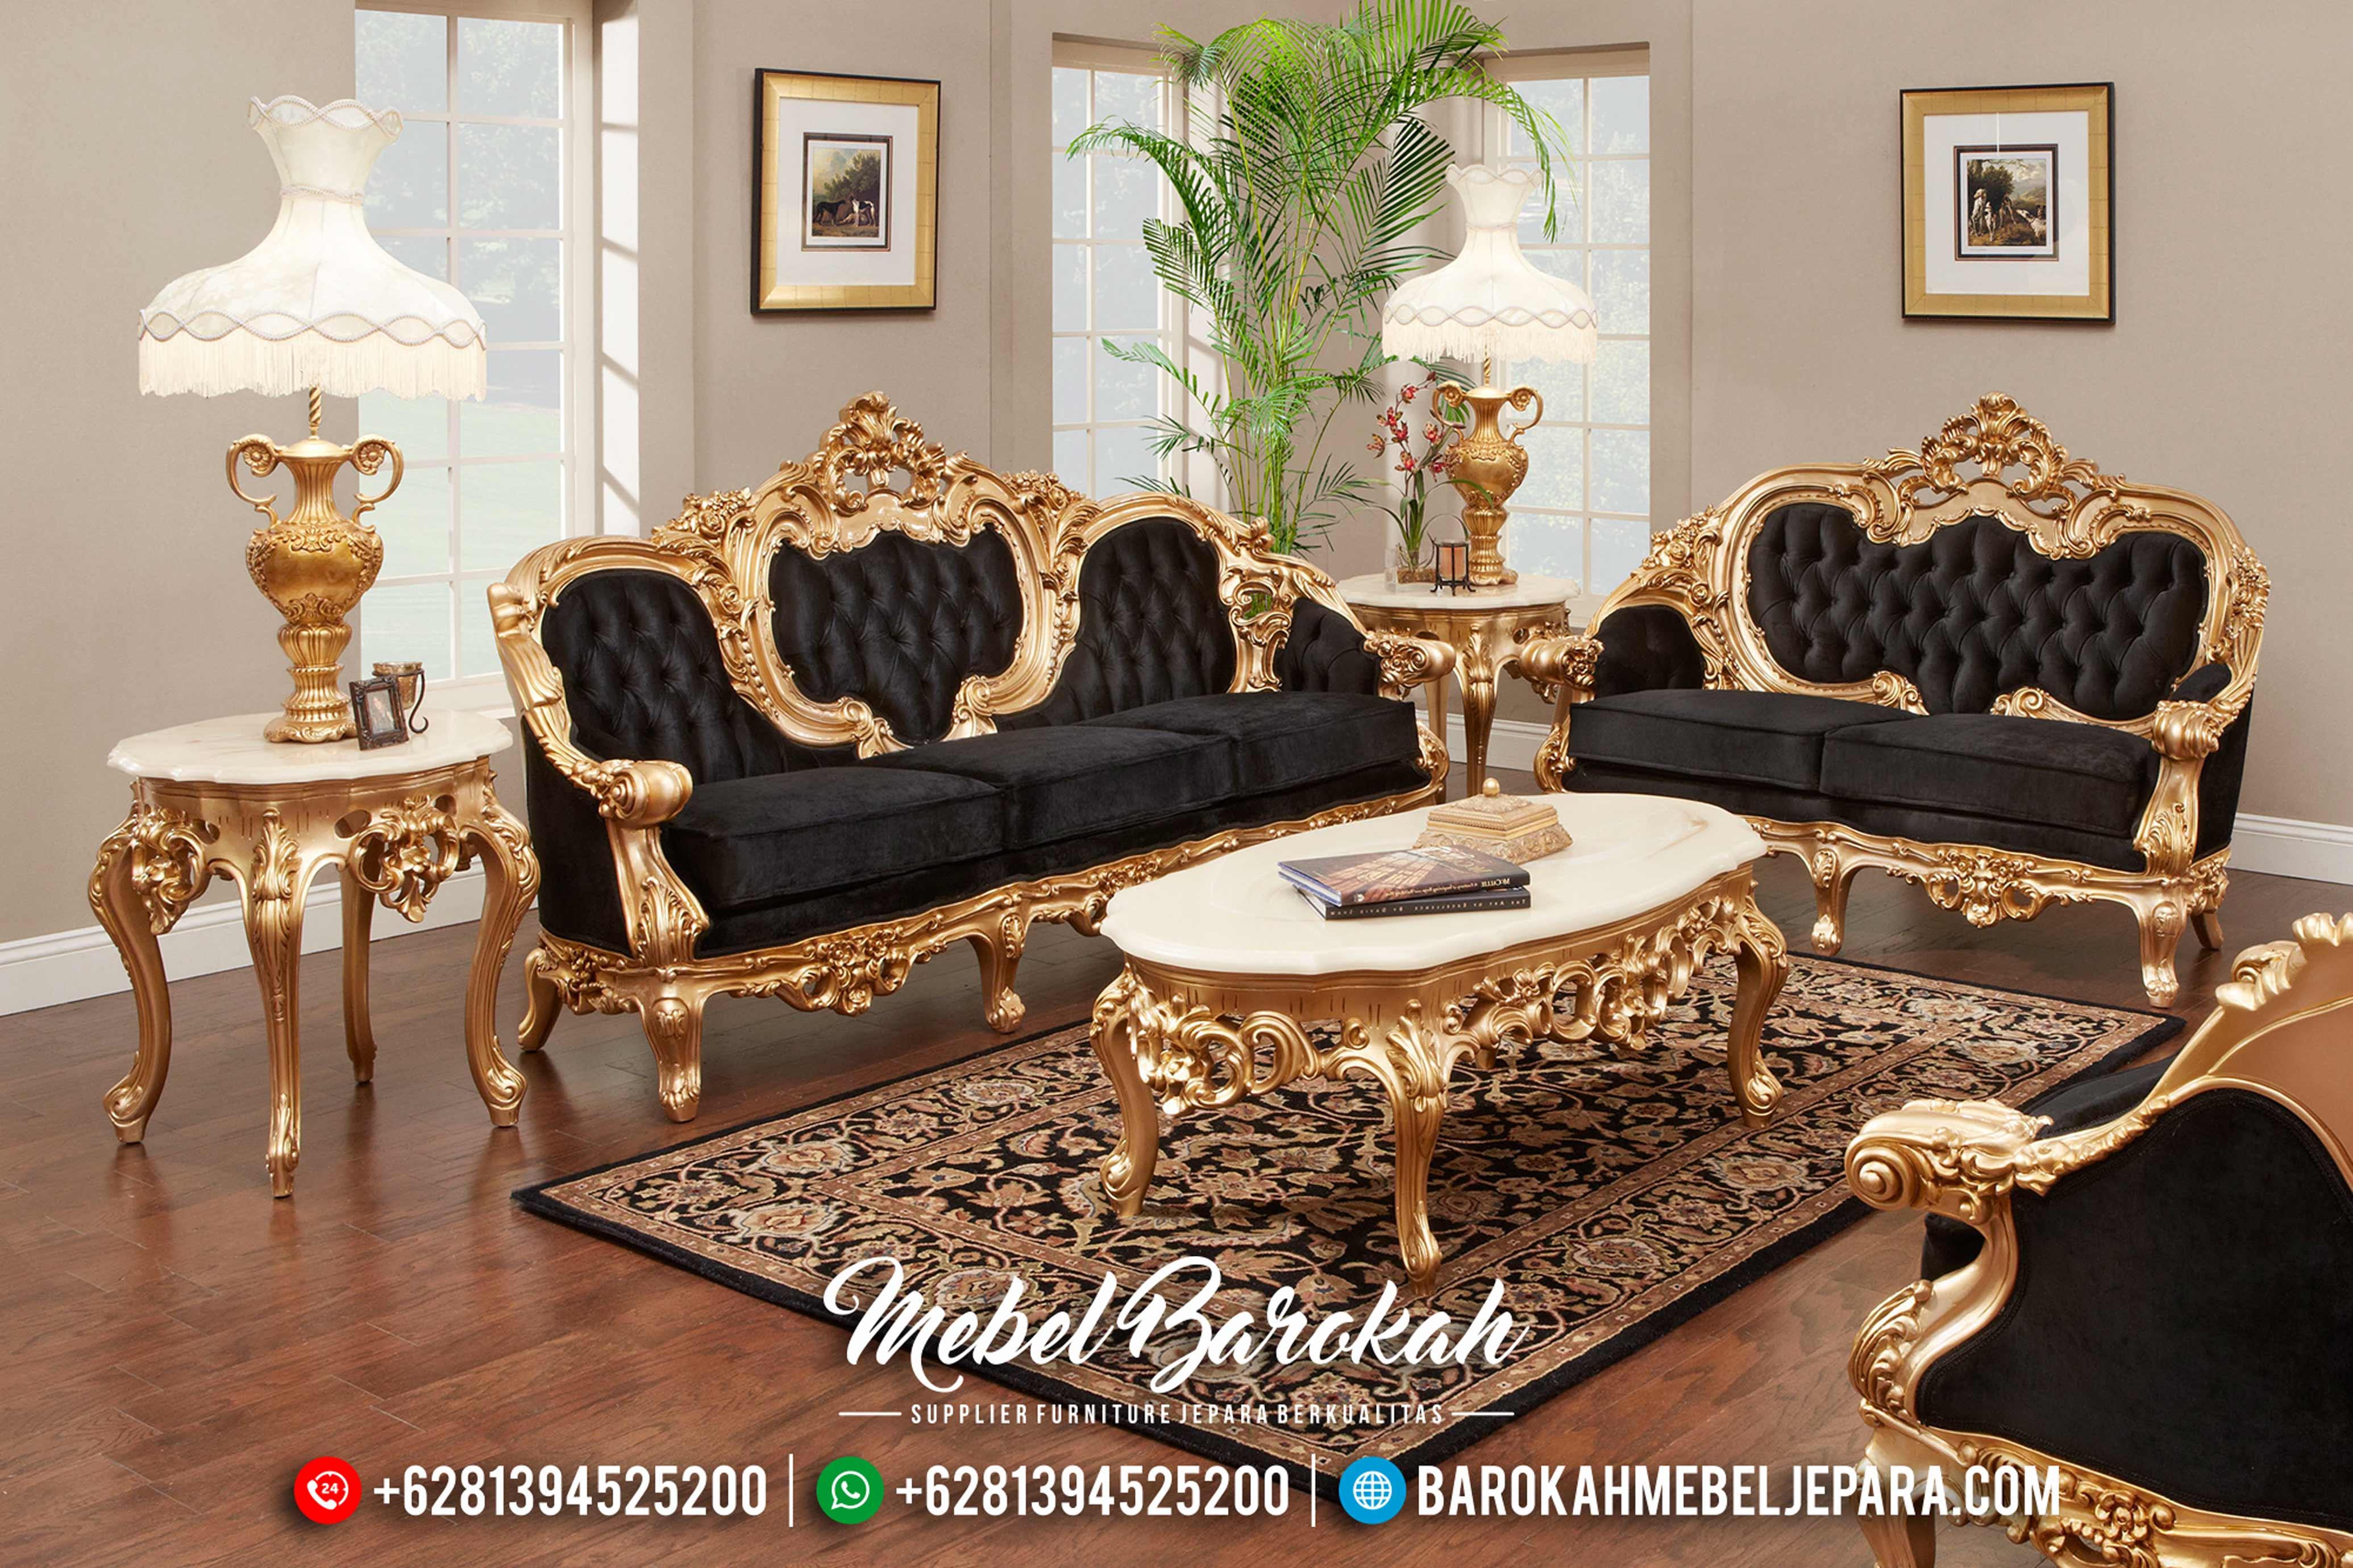 Sofa Tamu Jepara, Sofa Tamu Mewah Klasik, Mebel Jepara Terbaru MB-0165